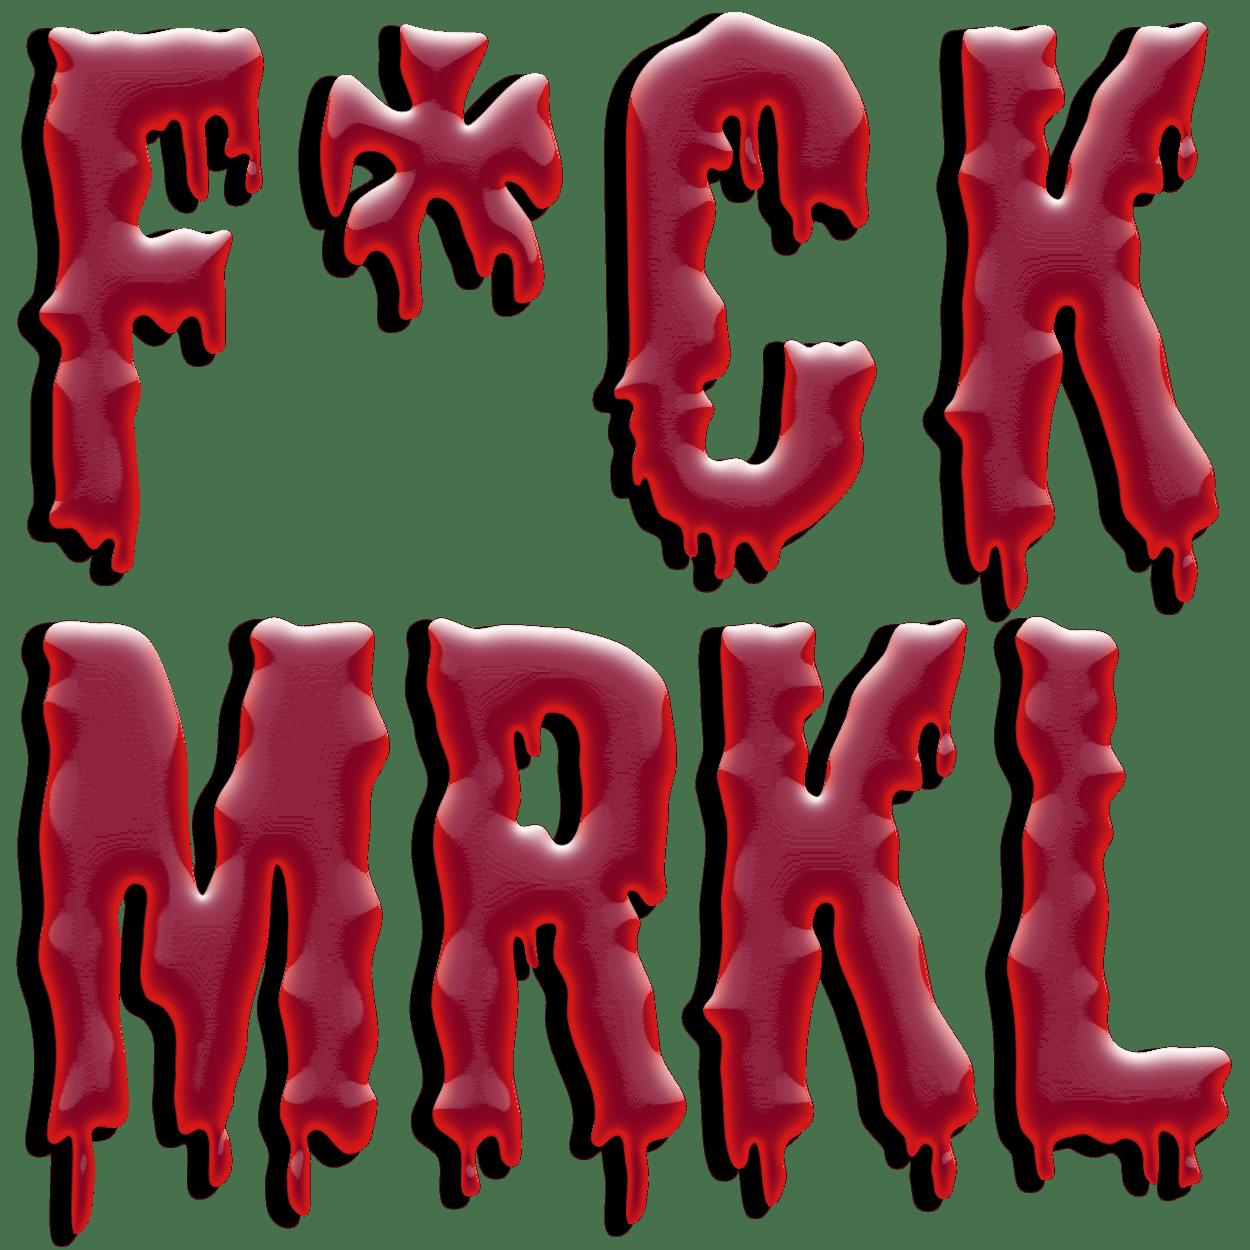 Merkel Muss Weg Schriftzug Fck Mrkl Qpress